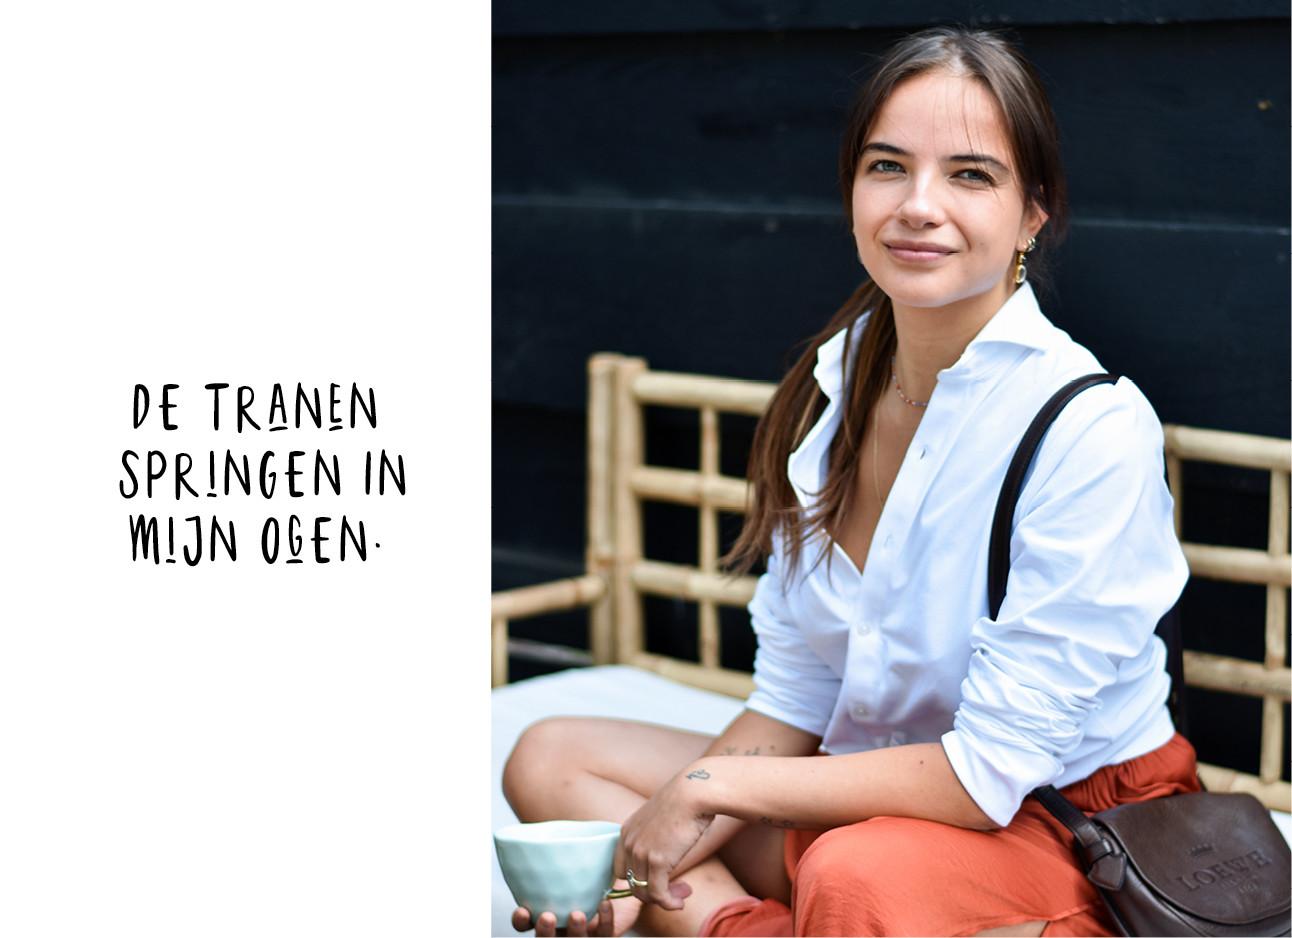 Tess hoens buiten in een witte blouse en een kop koffie